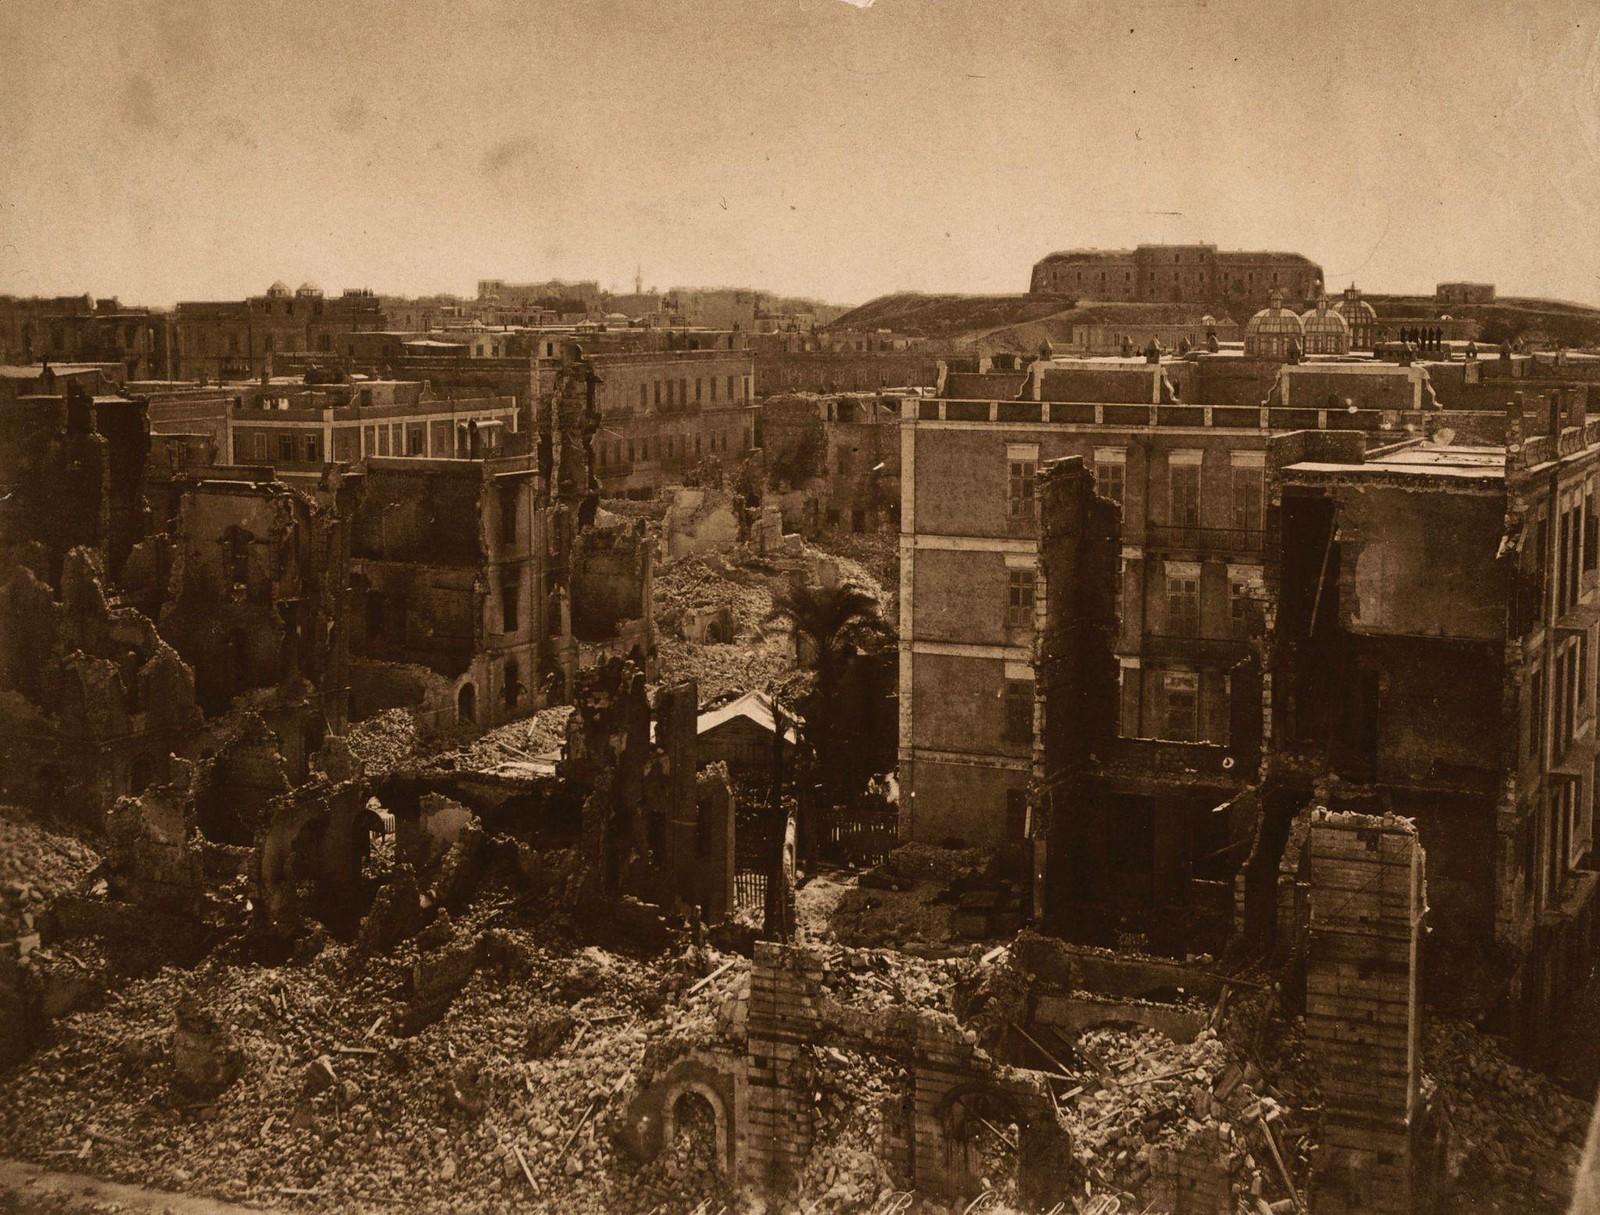 08. Александрия в руинах после англо-французской бомбардировки во время англо-египетского конфликта из-за контроля над Суэцким каналом